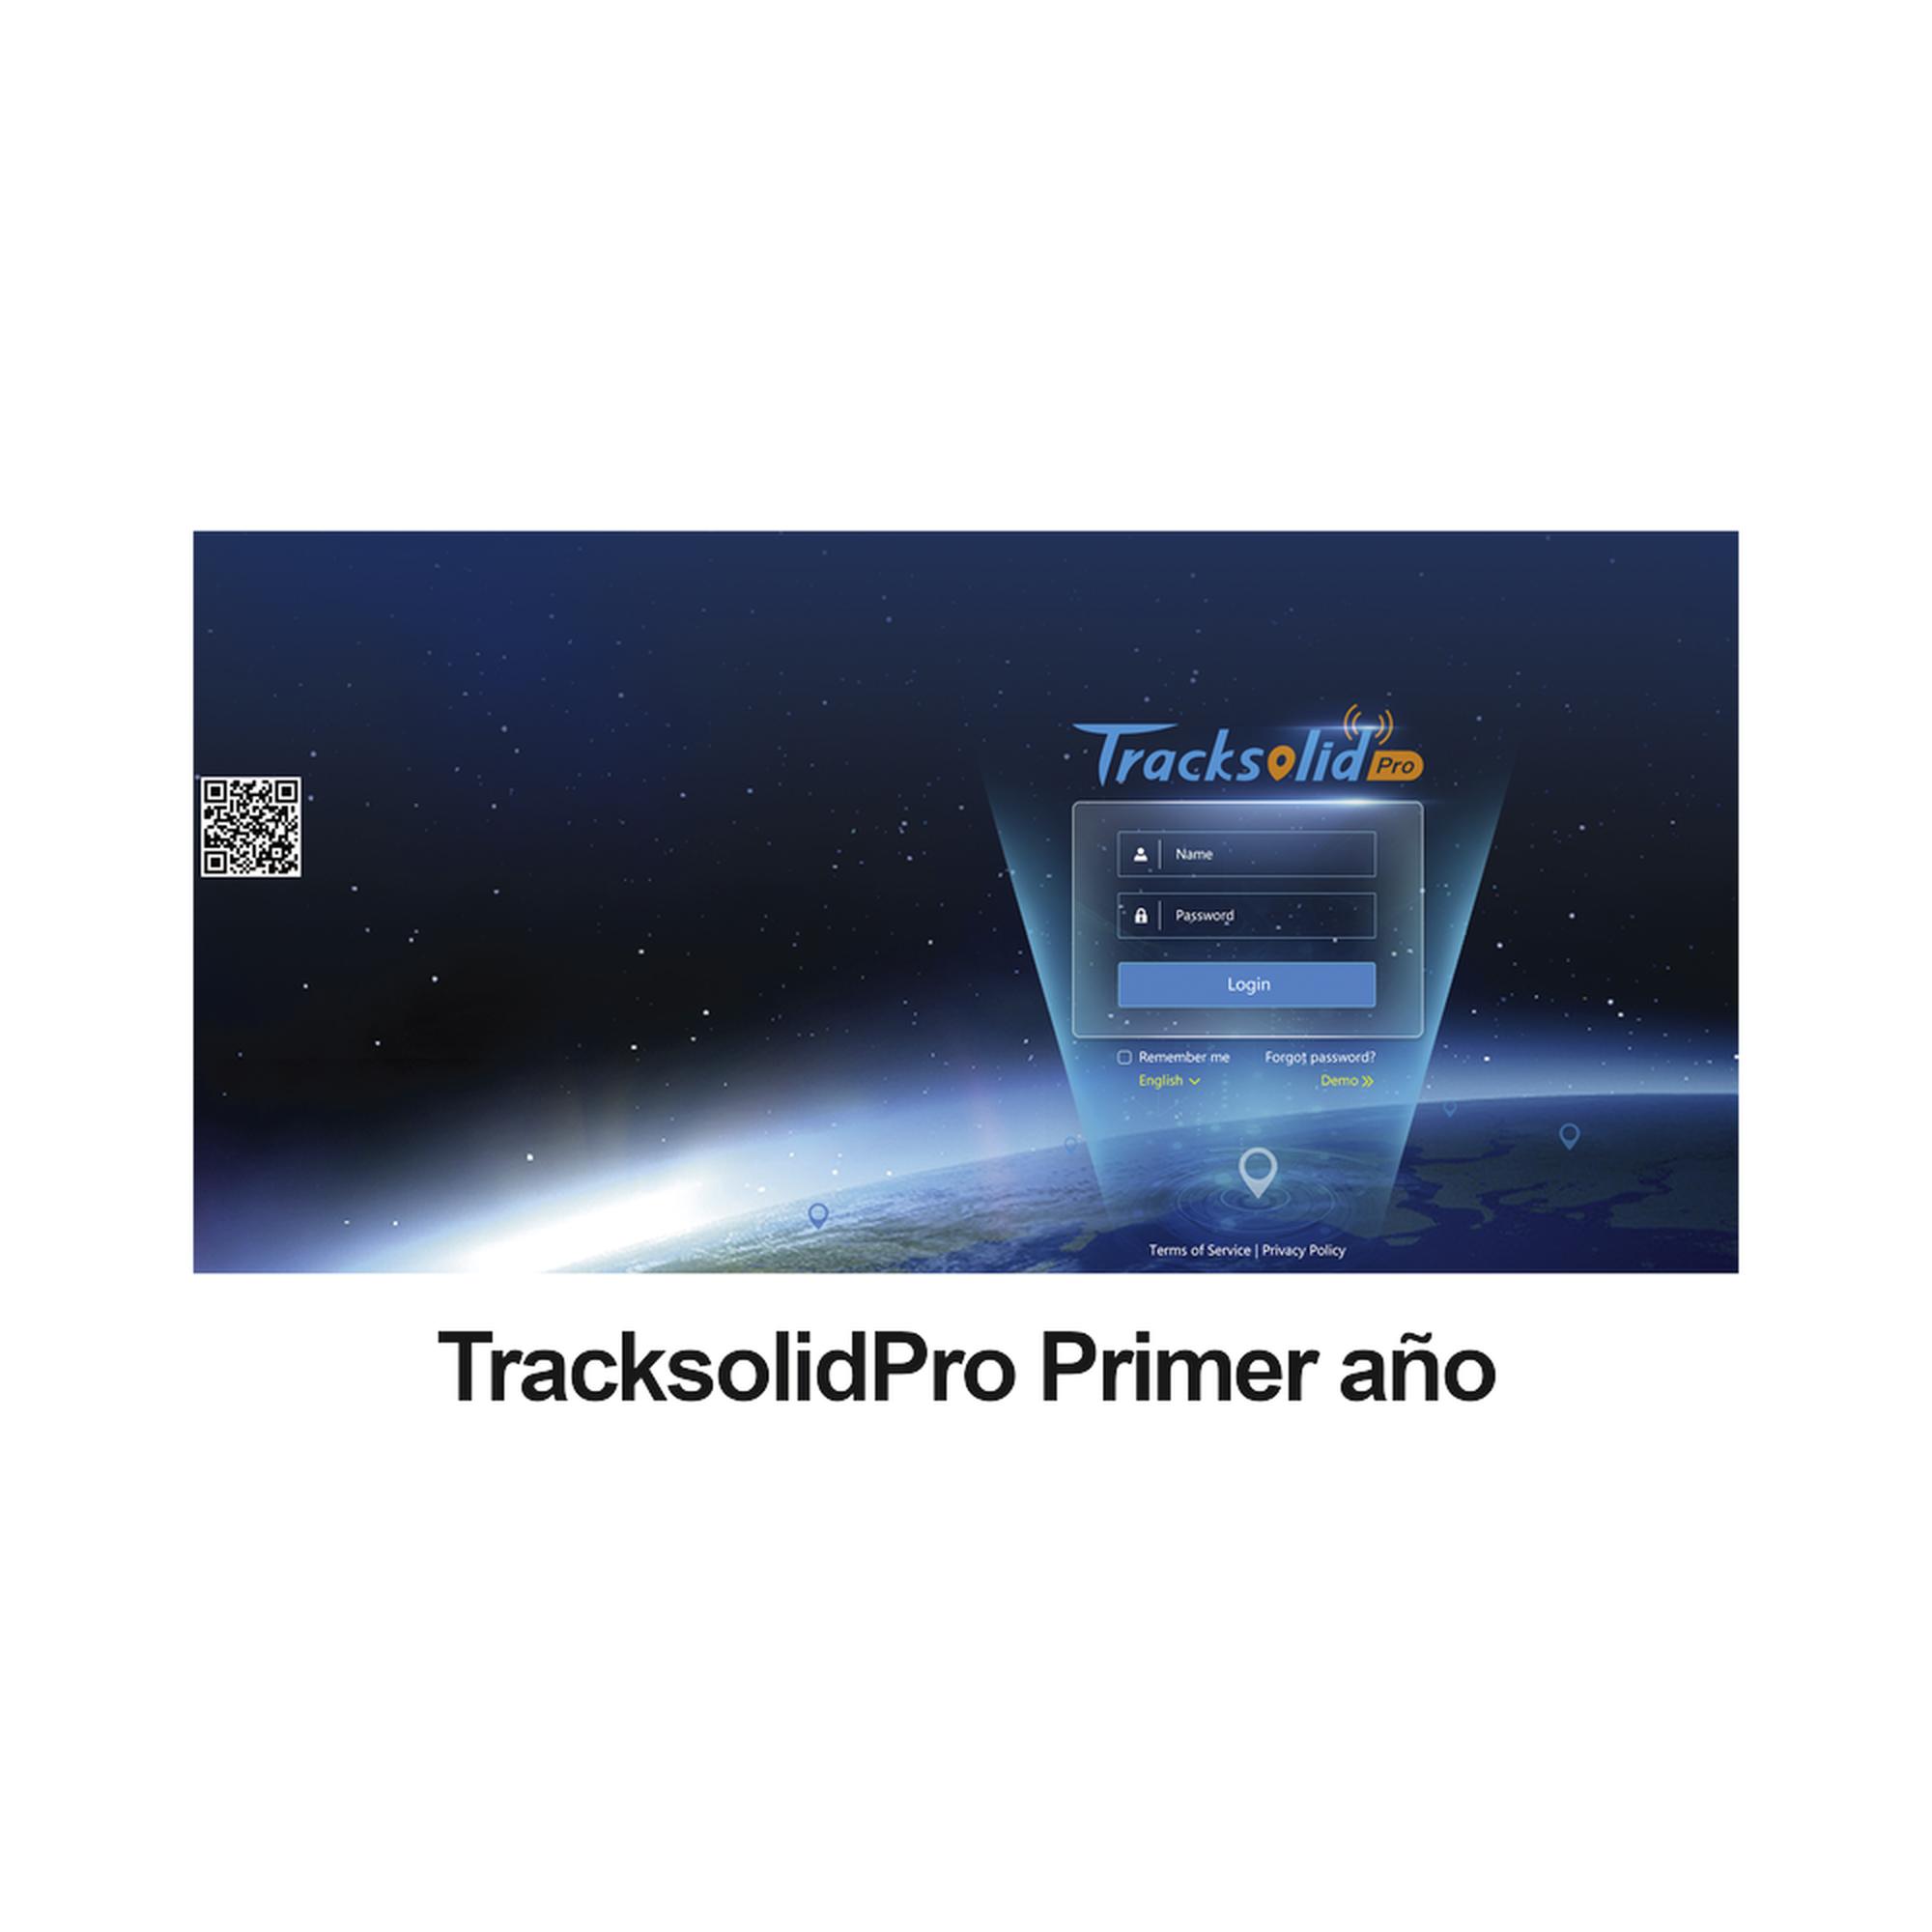 Primer año de licencia de video en plataforma Tracksolid